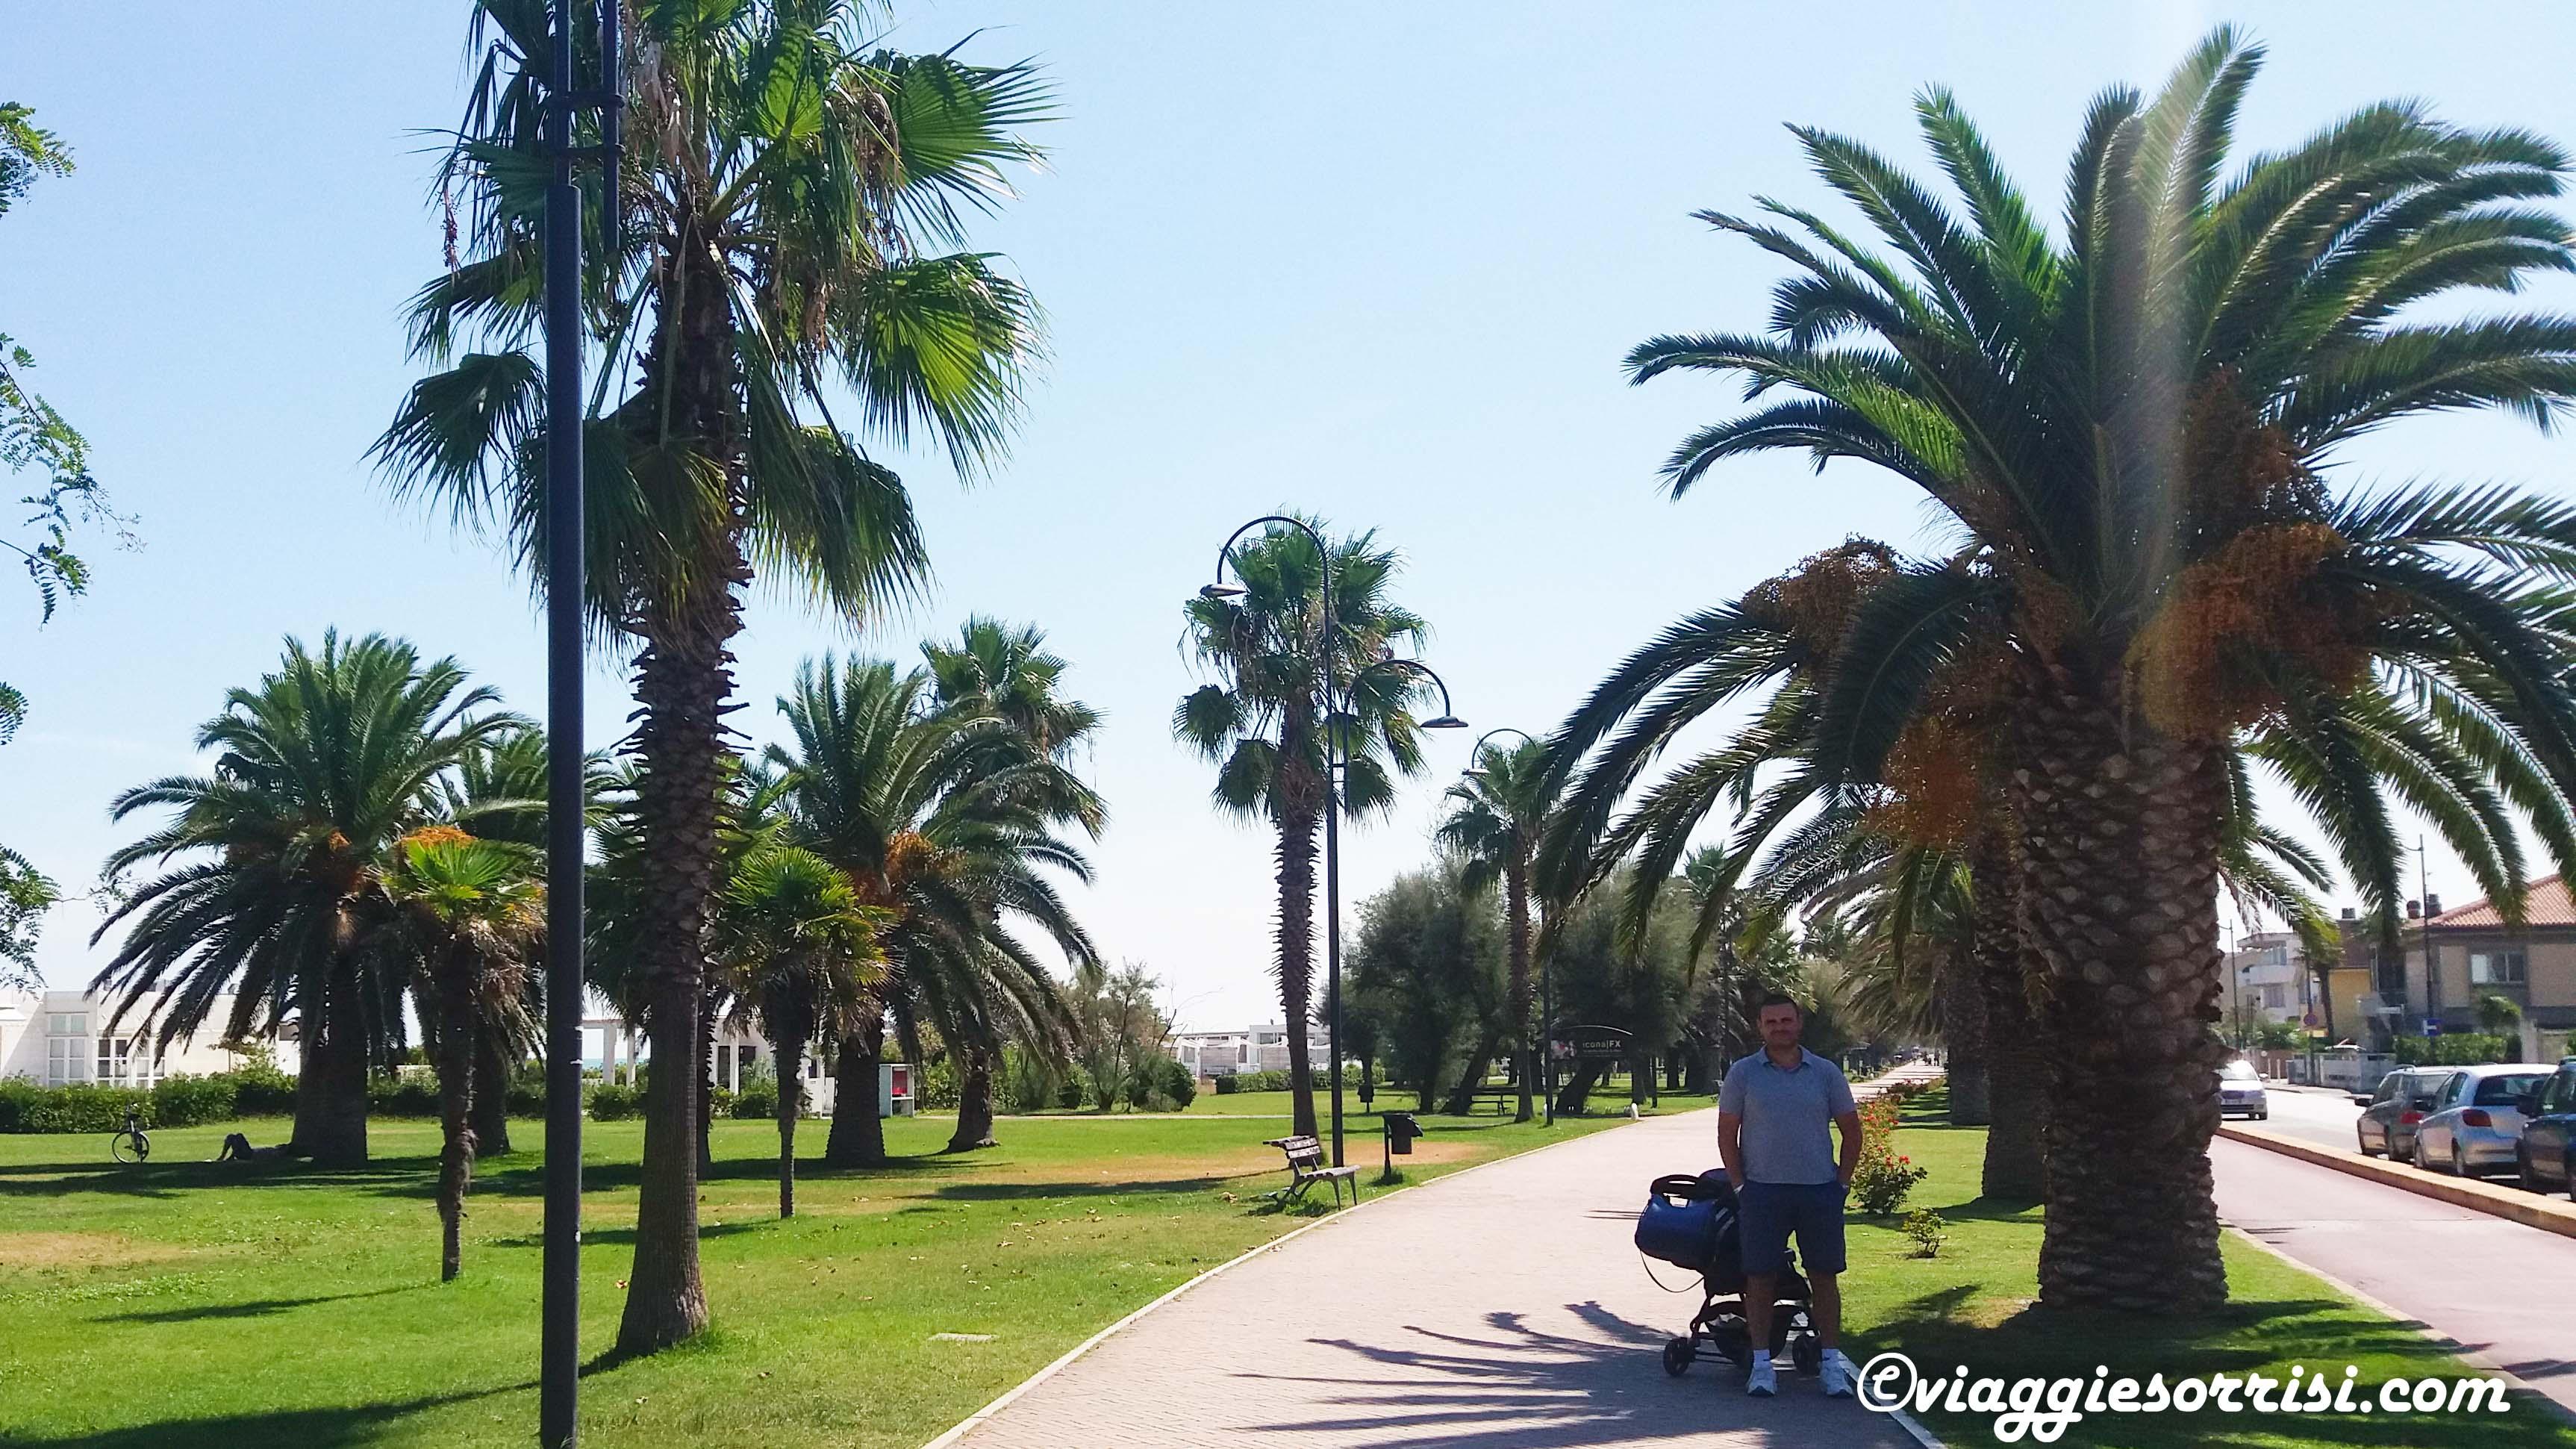 L 39 incantevole lungomare di porto sant 39 elpidio viaggi e - Ristorante il giardino porto sant elpidio ...